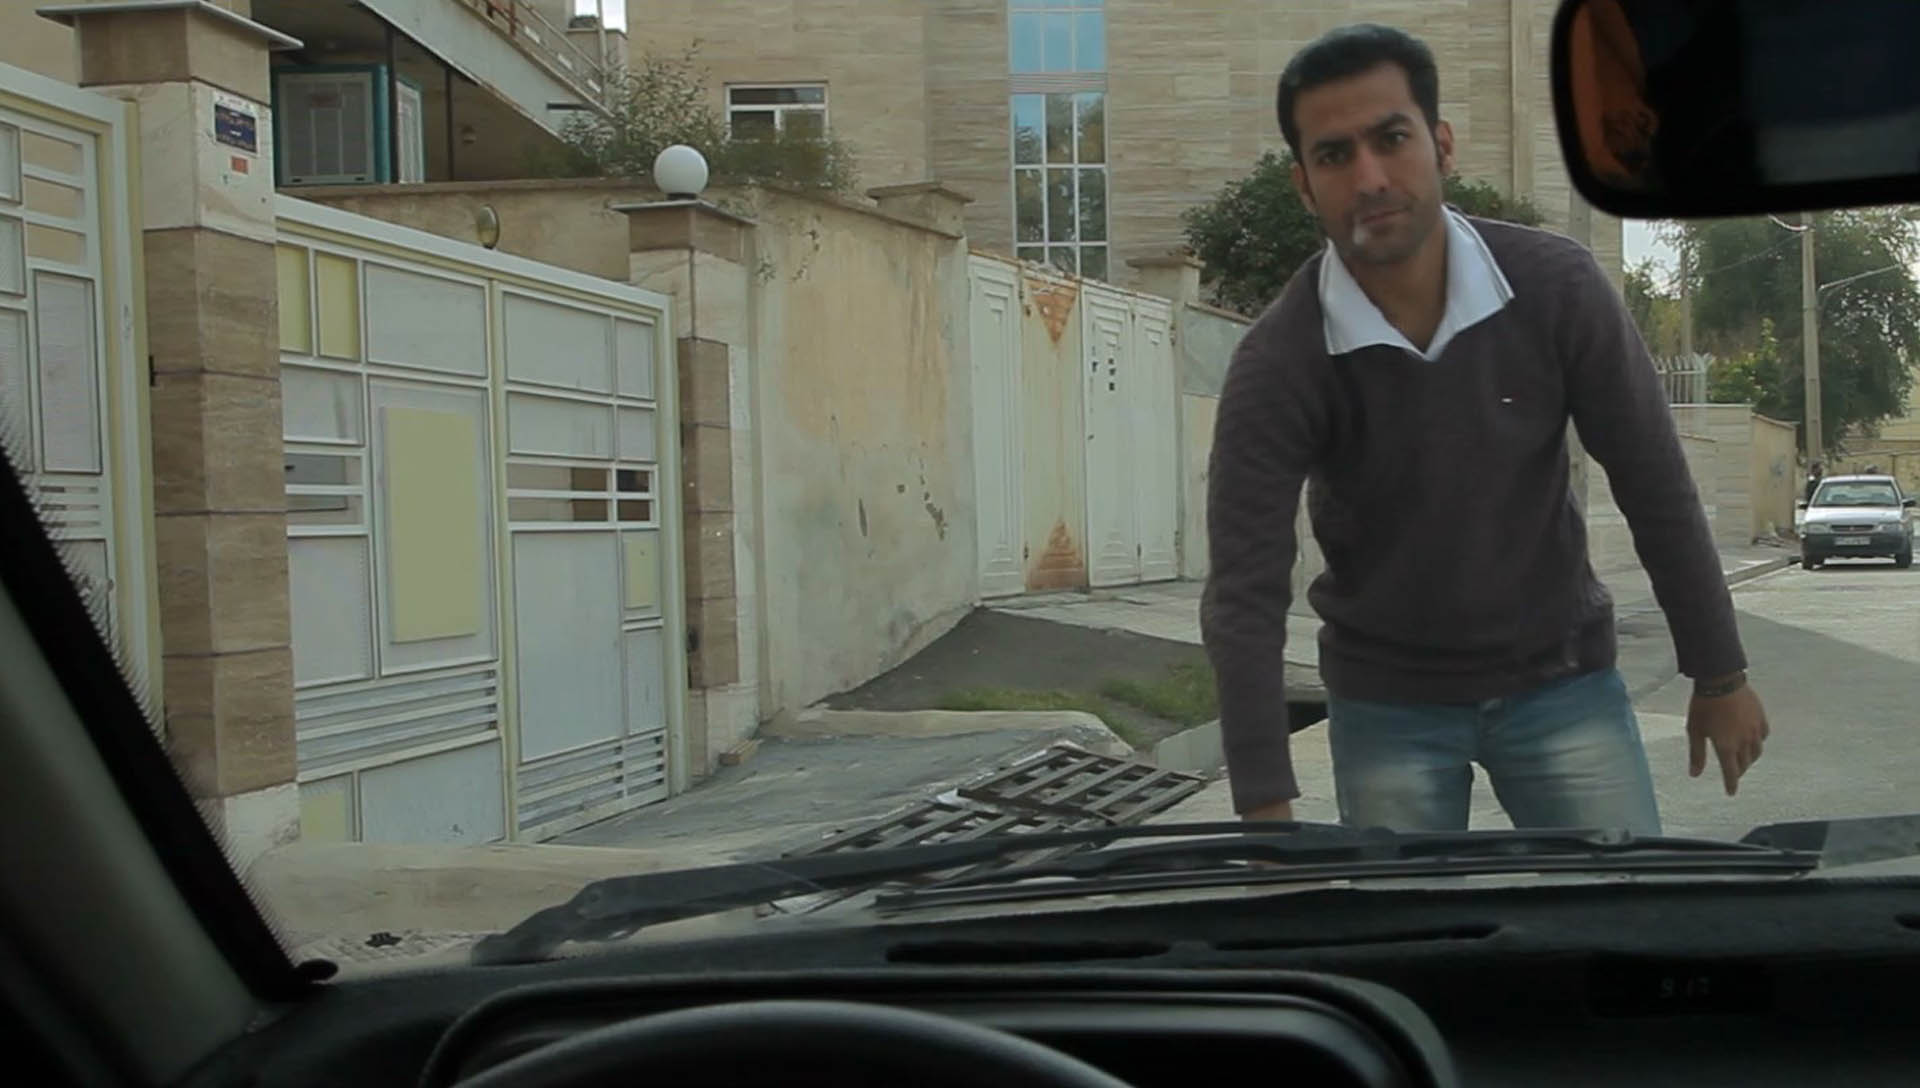 مکثی بعد ازبیداری عکس 02- شرکت فیلم سازی زوم شیراز برادران شریفی